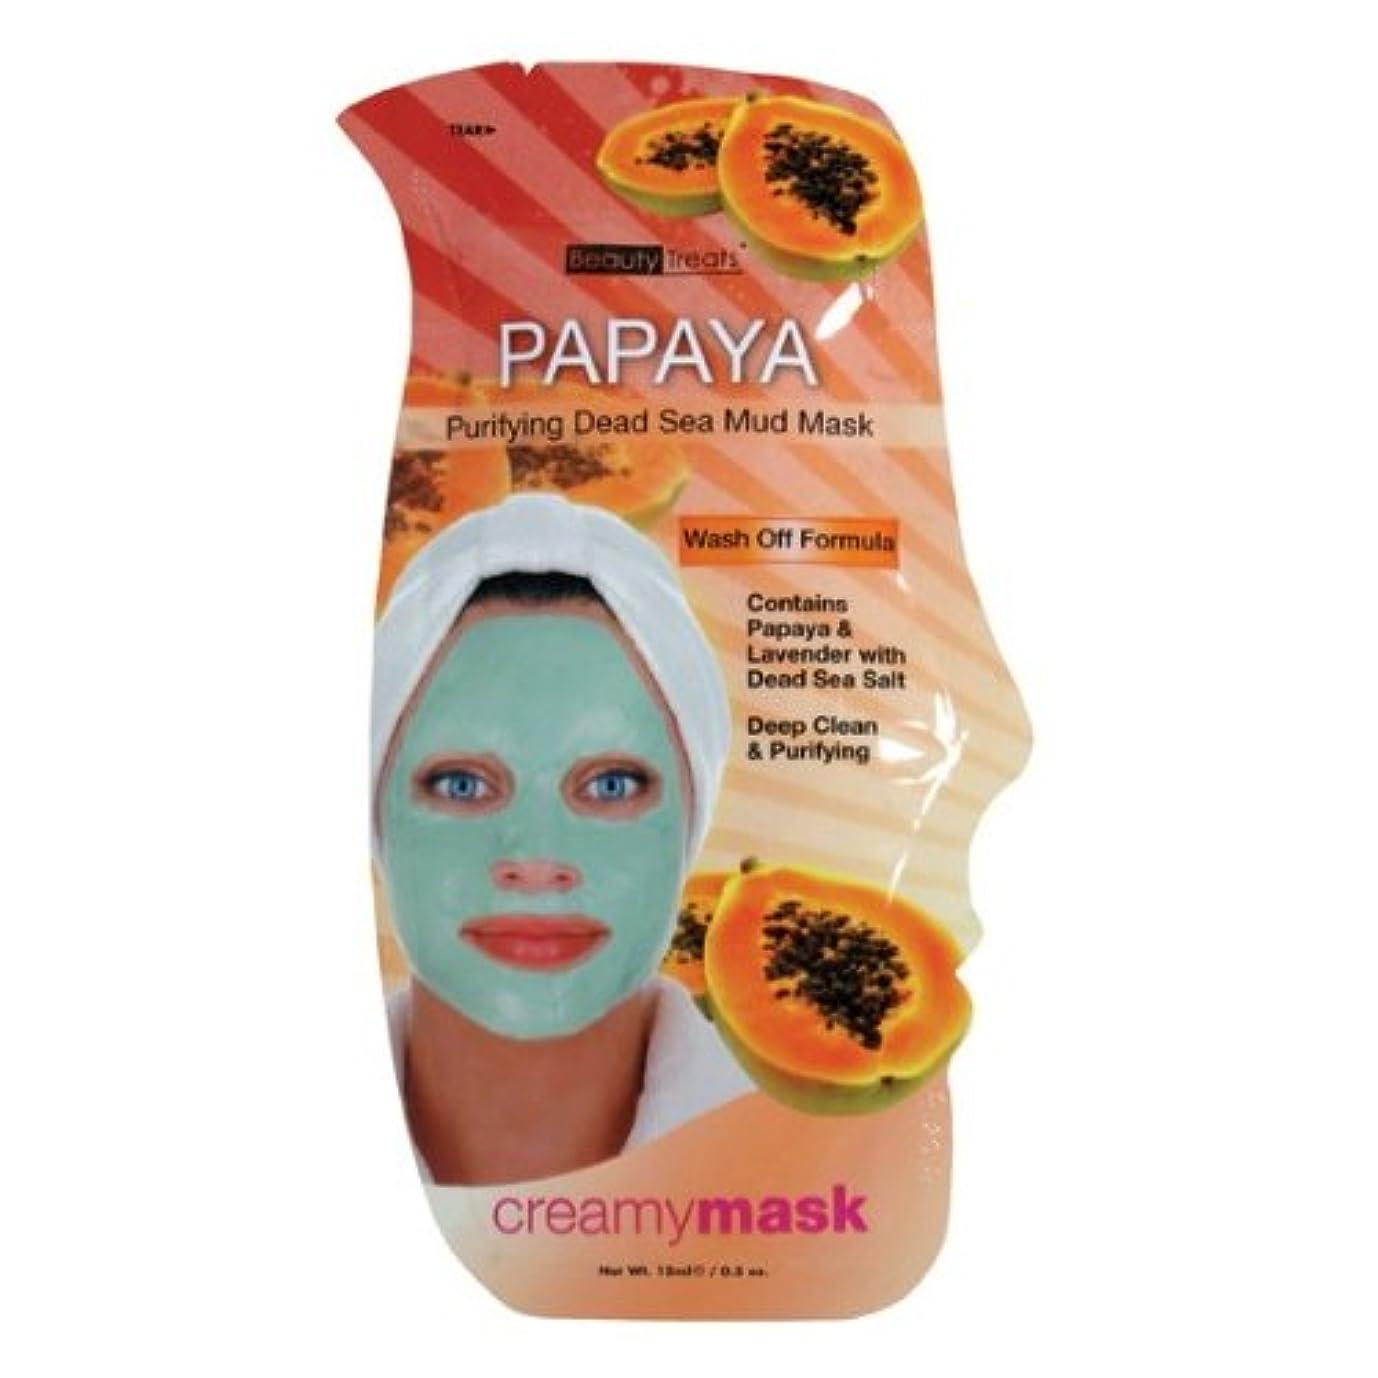 虚偽設計図を通して(6 Pack) BEAUTY TREATS Papaya Purifying Dead Sea Mud Mask - Papaya (並行輸入品)